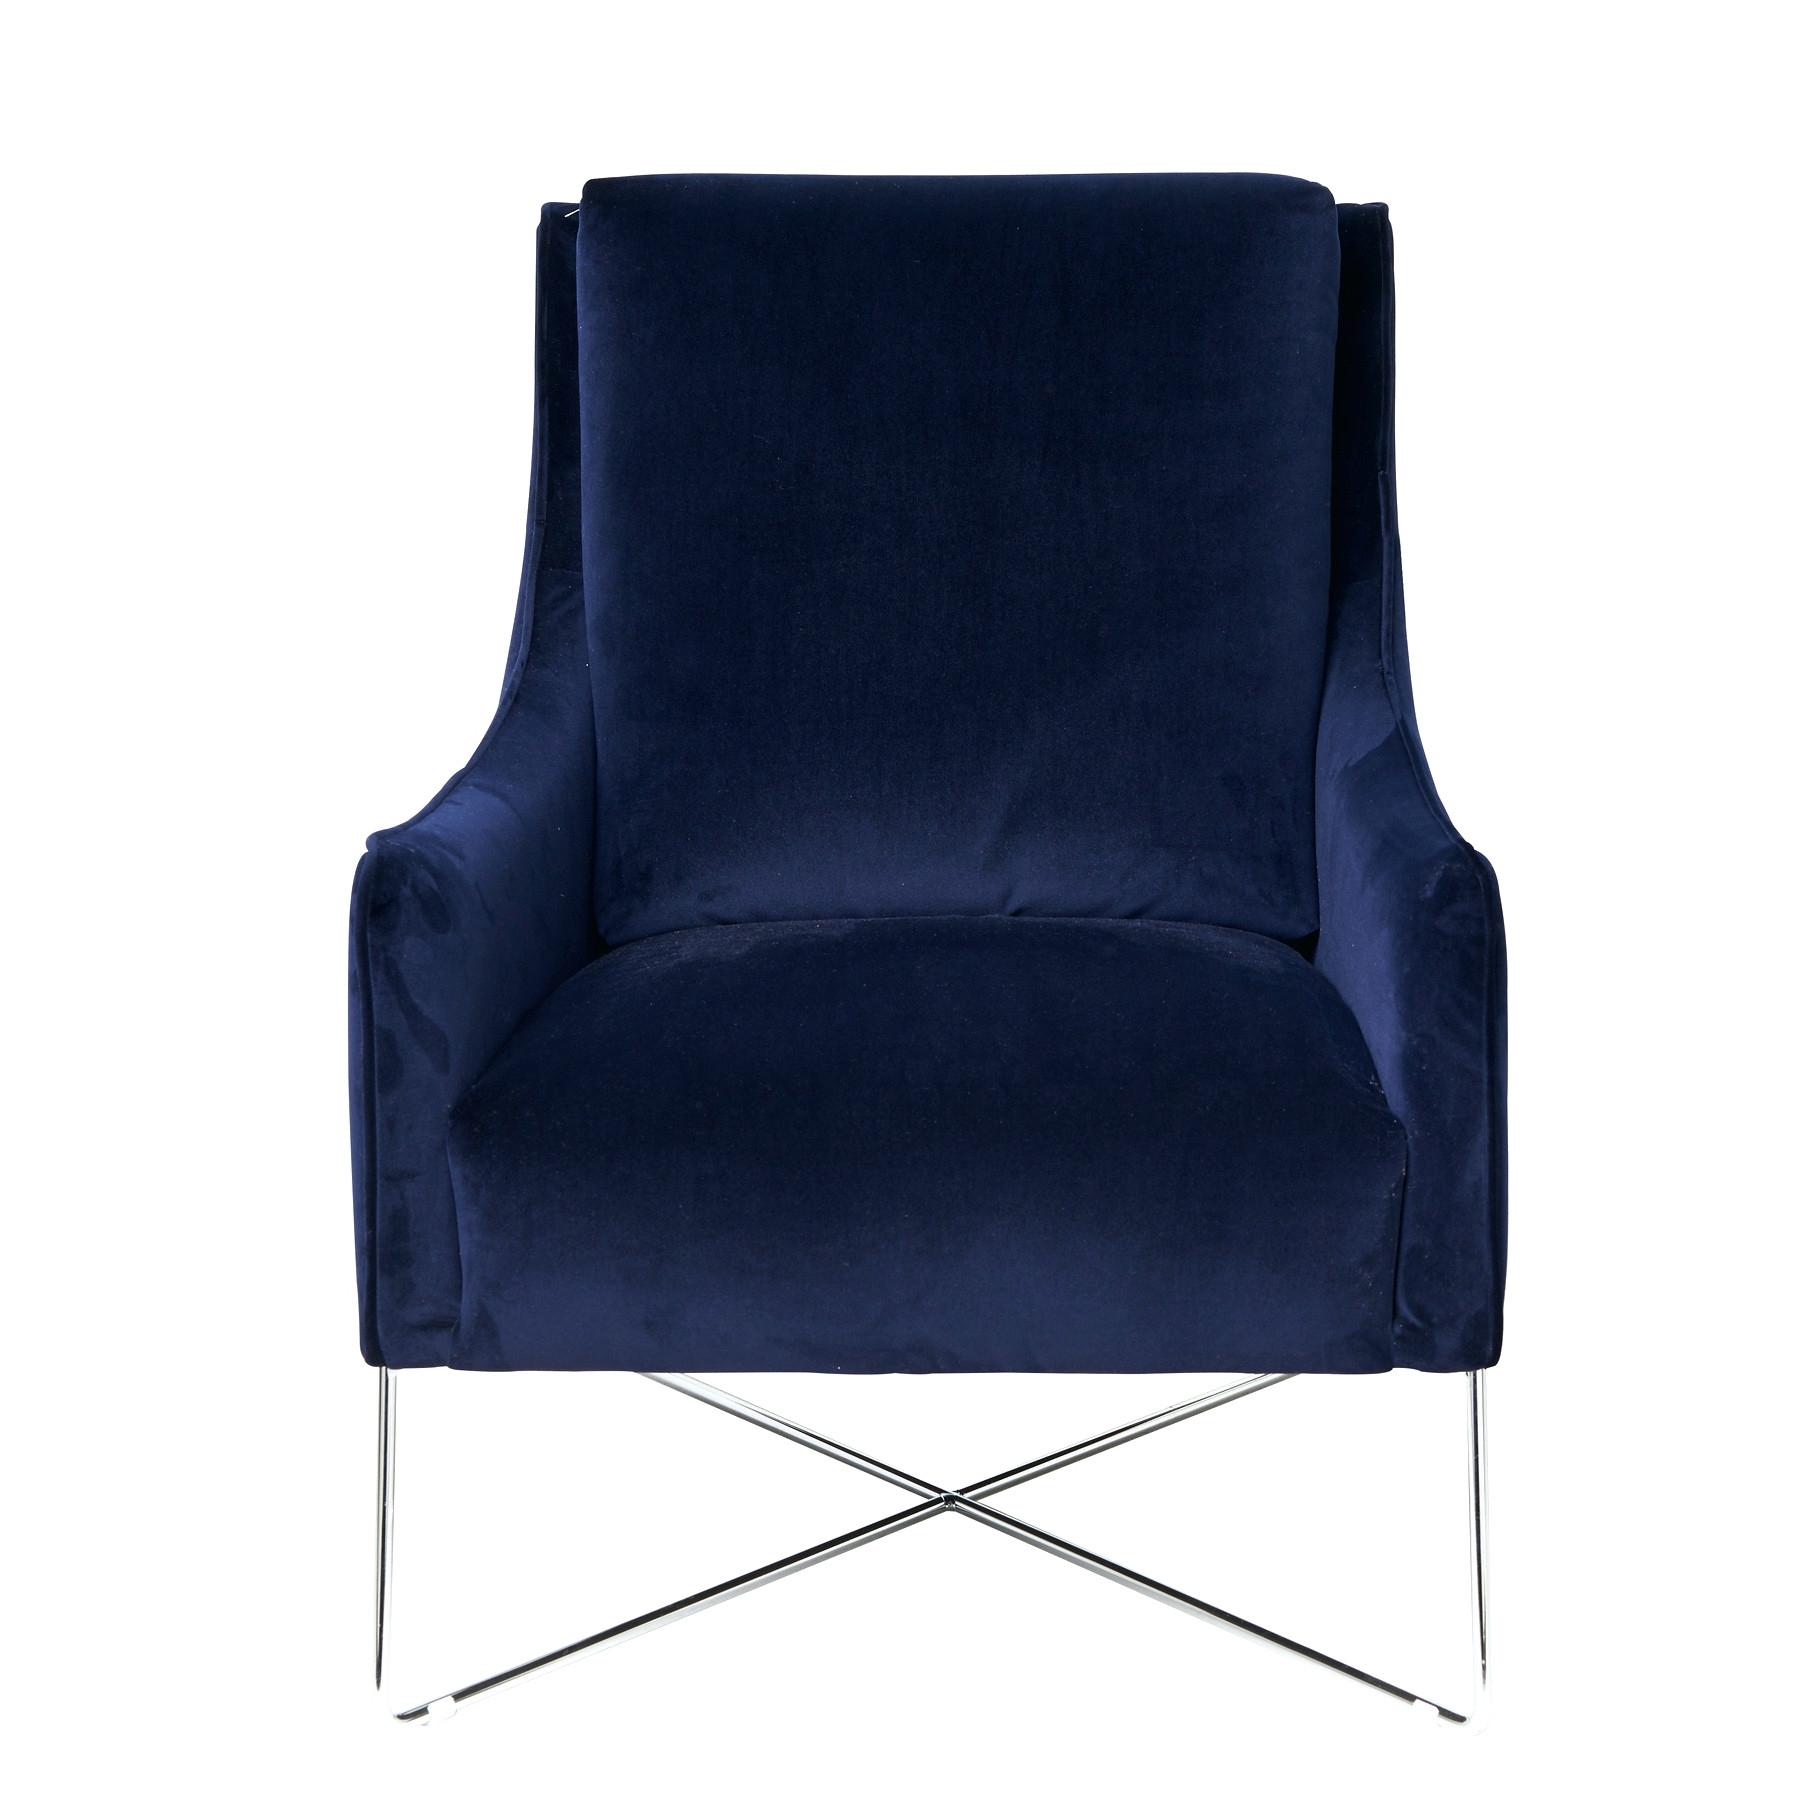 Current Natuzzi Zeta Chaise Lounge Chairs Throughout Natuzzi Editions Rodolfo Armchair Natuzzi Zeta Chaise Lounge (View 12 of 15)